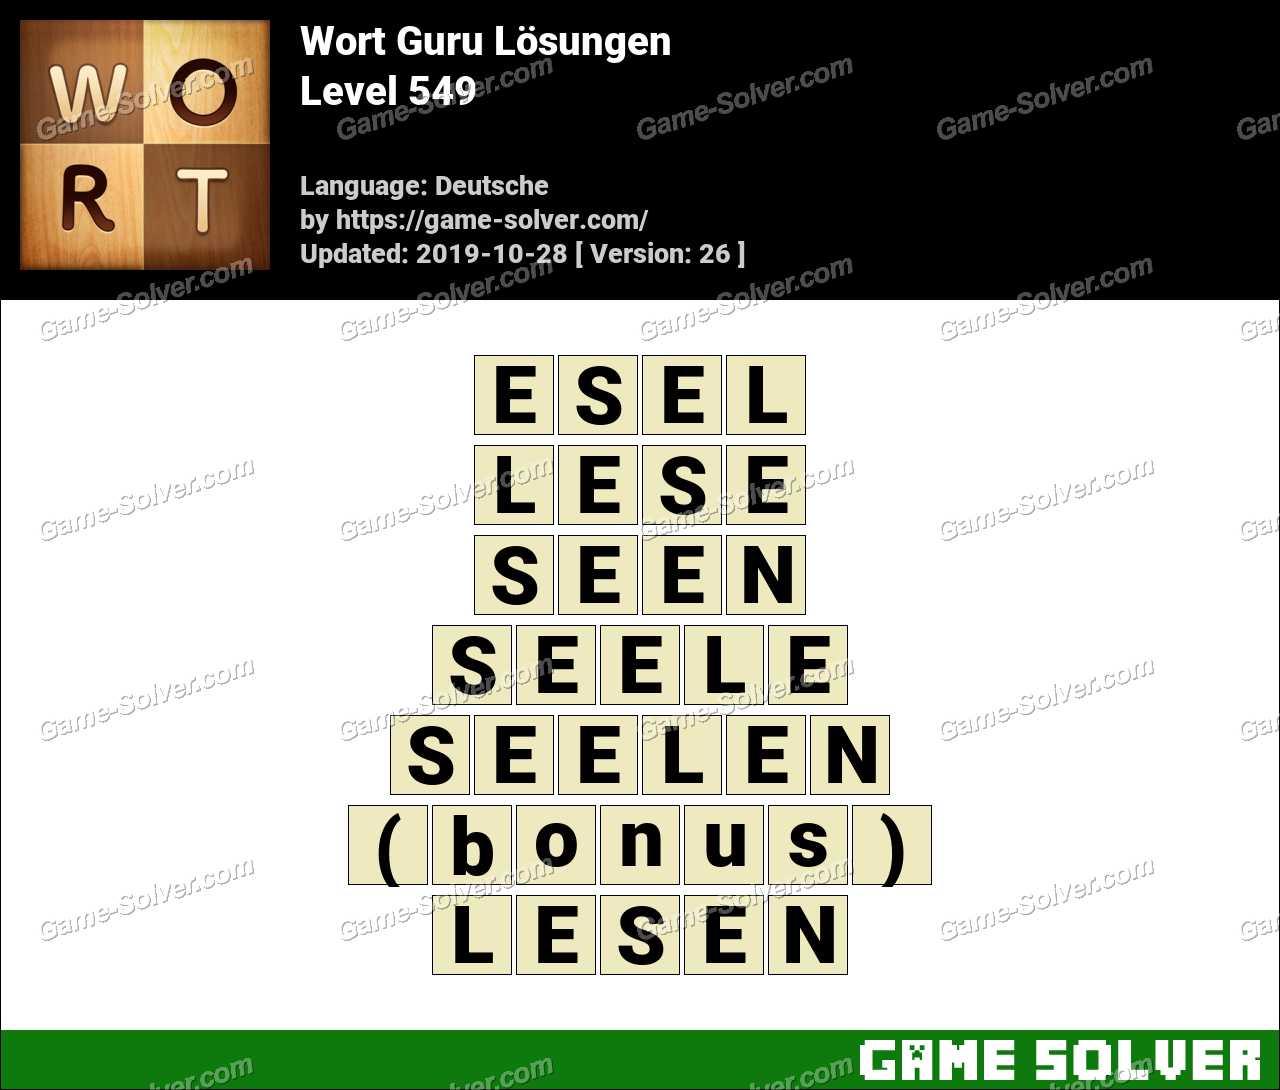 Wort Guru Level 549 Lösungen